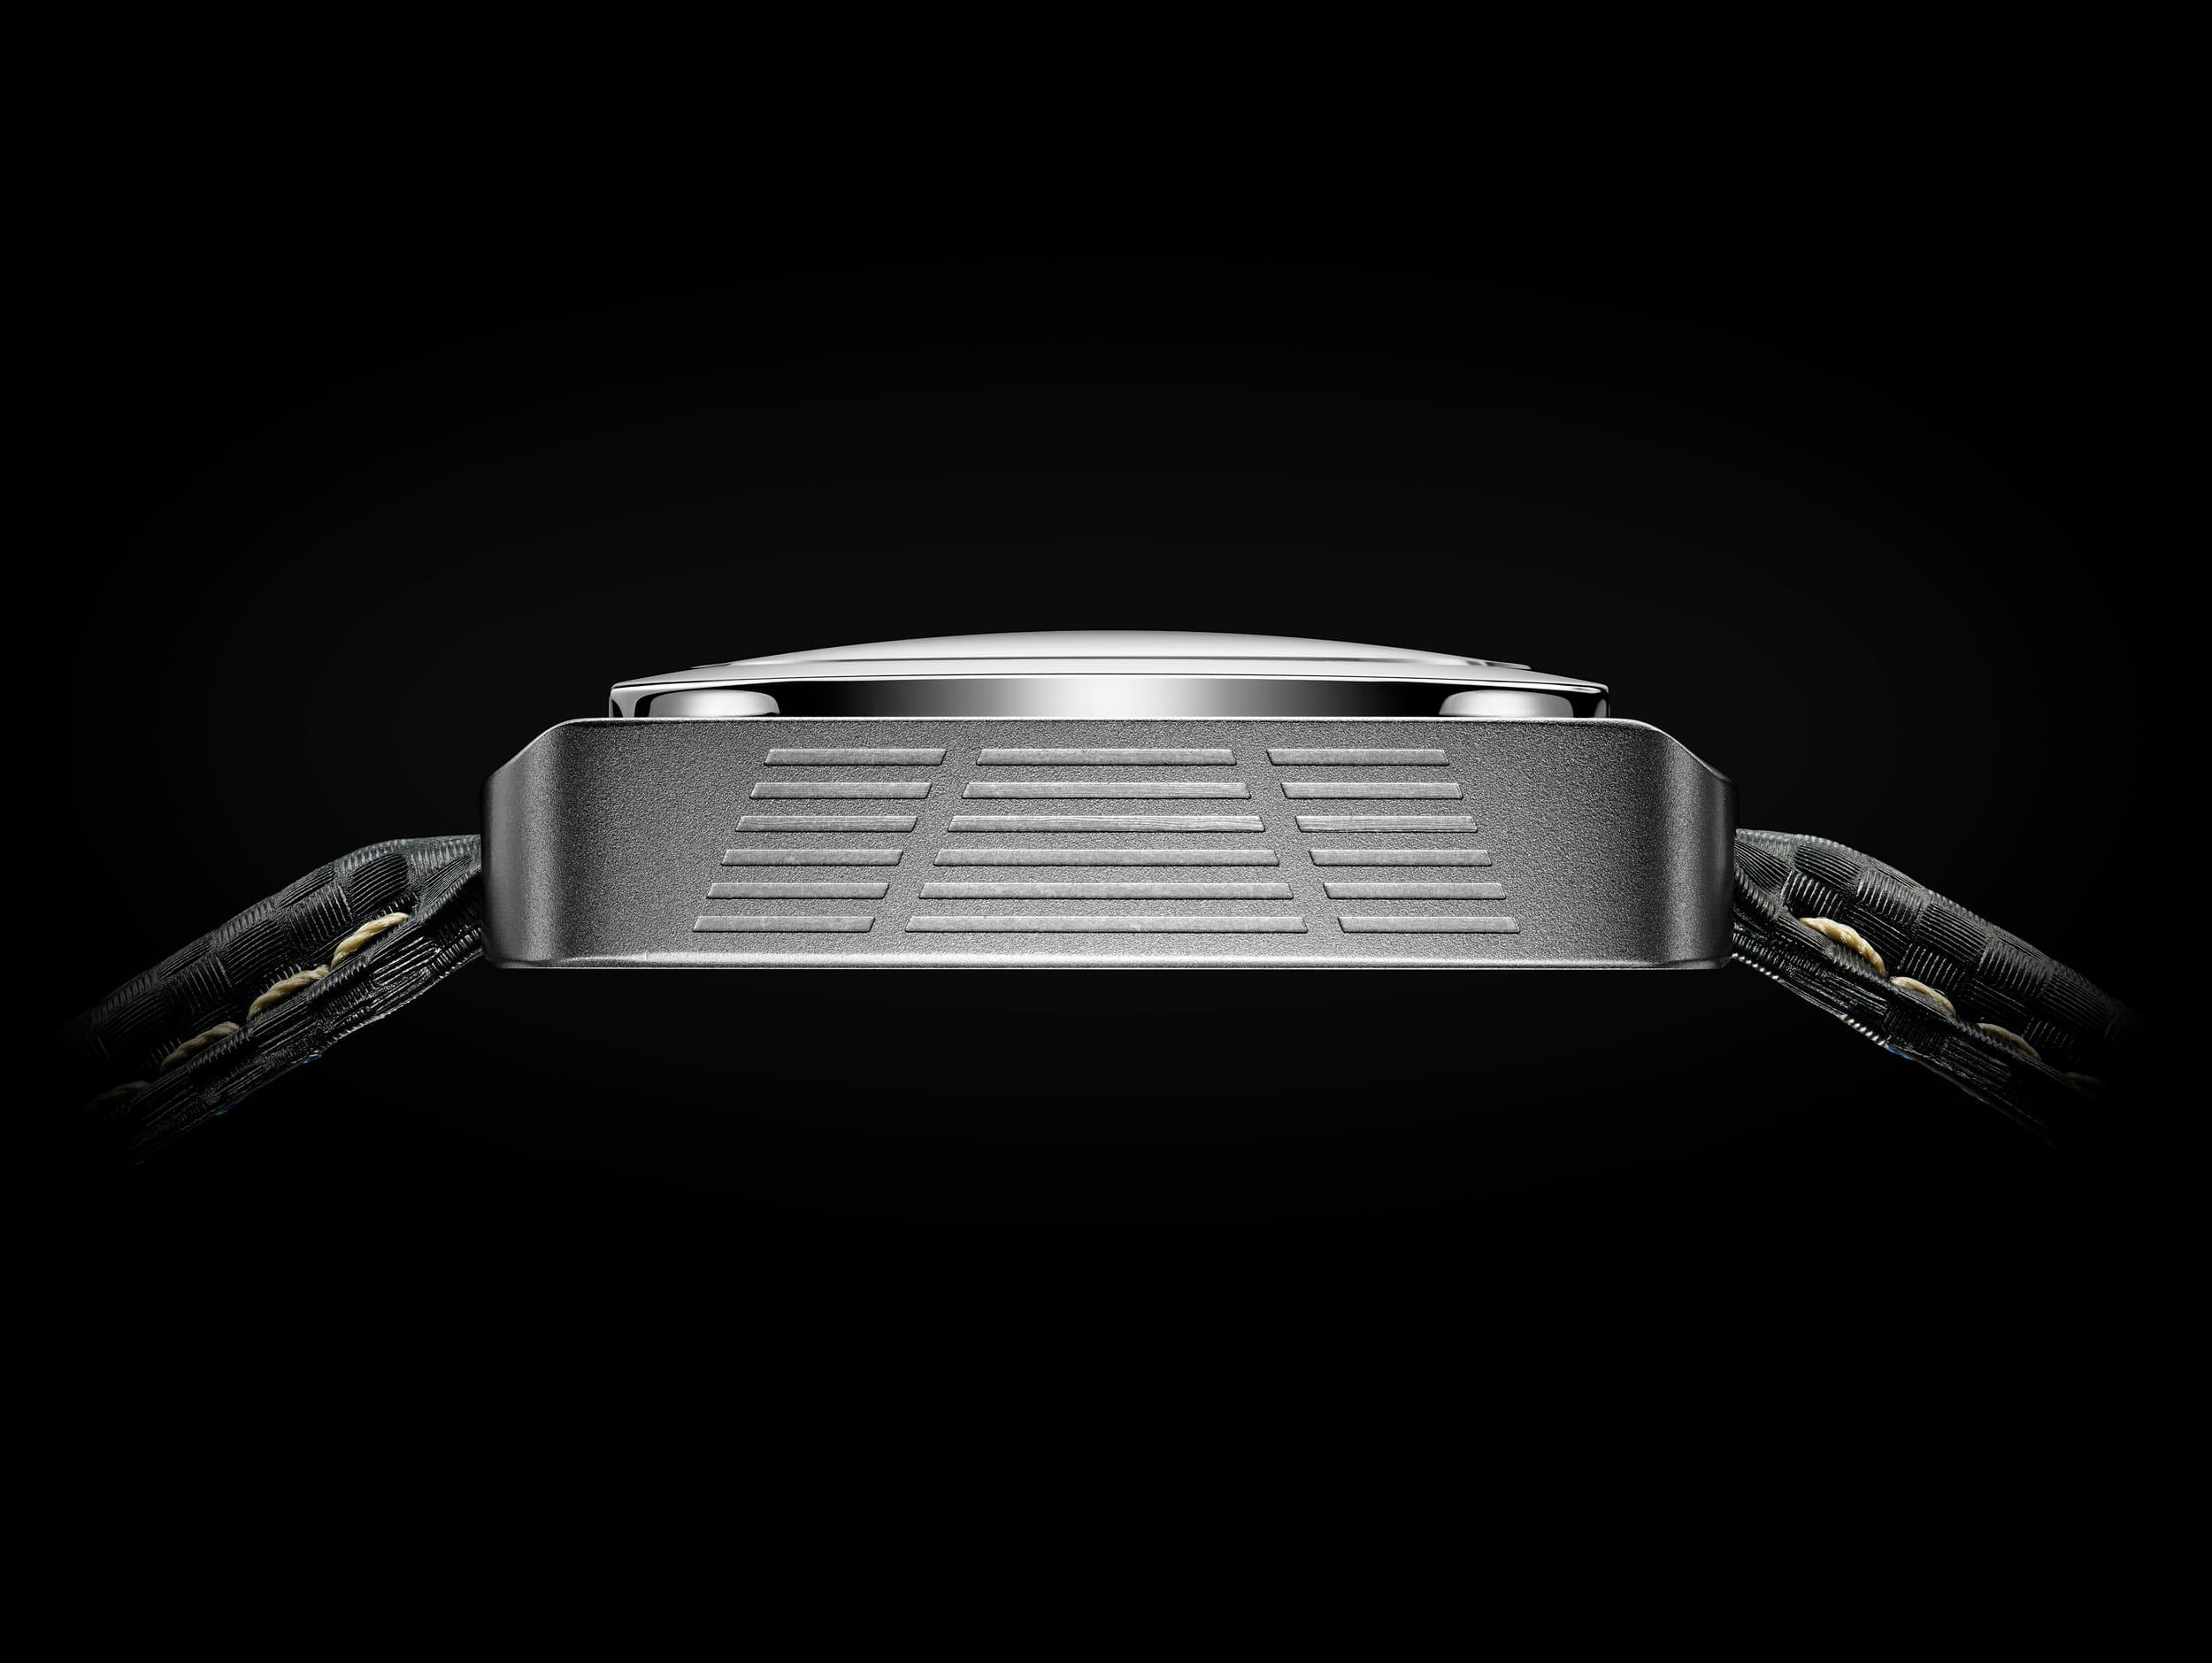 Vue de côté de la montre Putter P01 acier inoxydable, avec reprise de la forme du putter